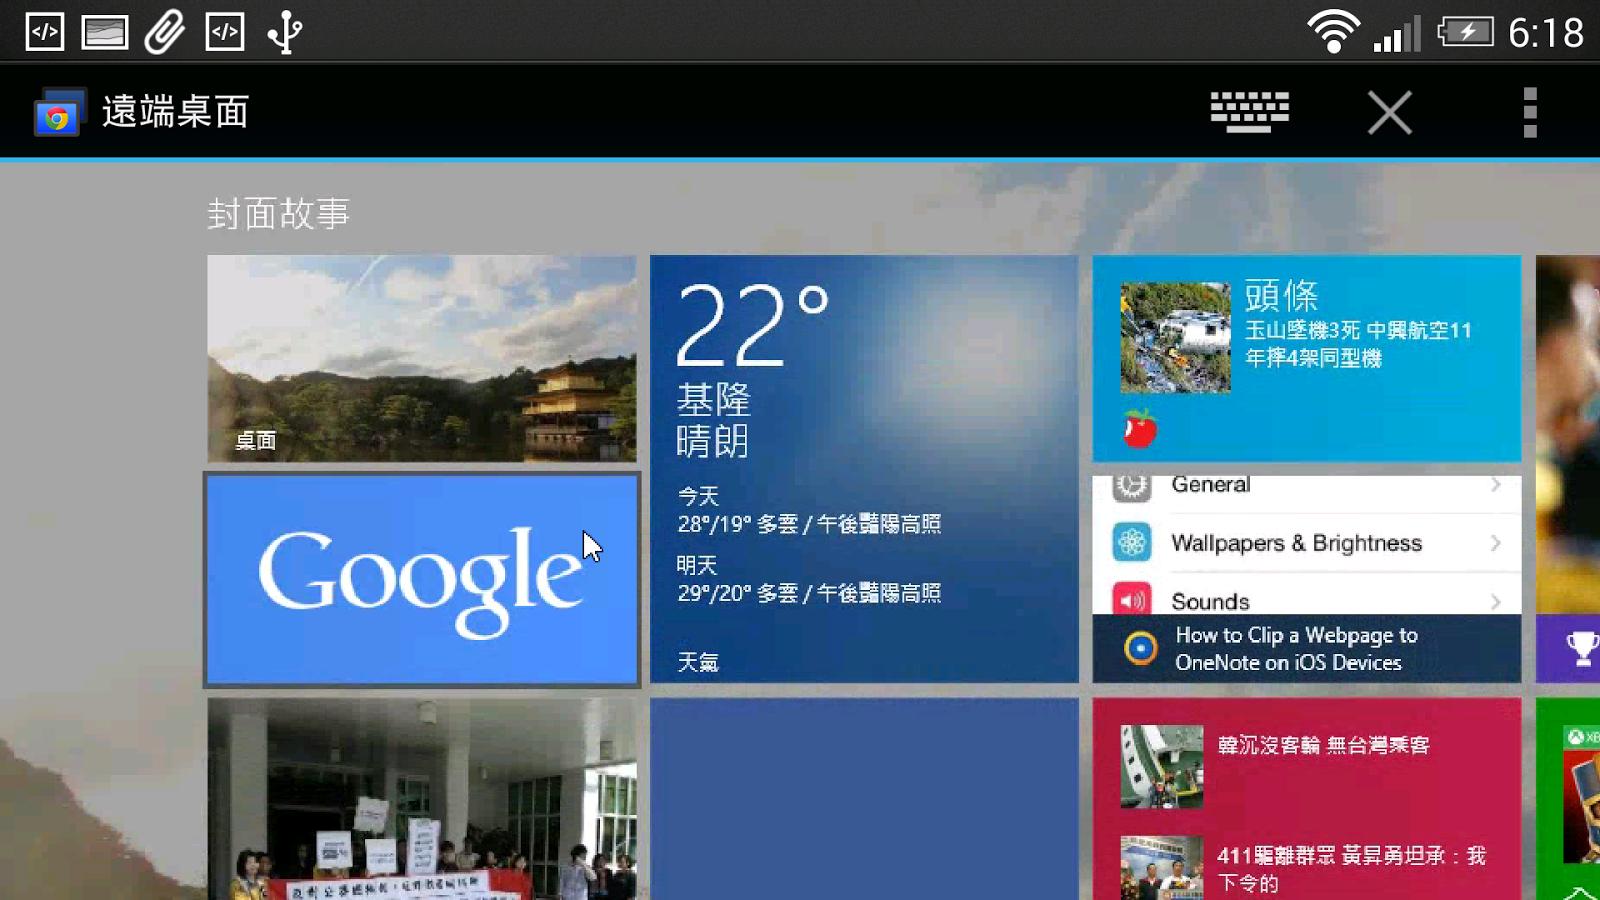 改變行動工作!電腦玩物 2014 最佳 Android App 推薦 Chrome+Remote+Desktop-12